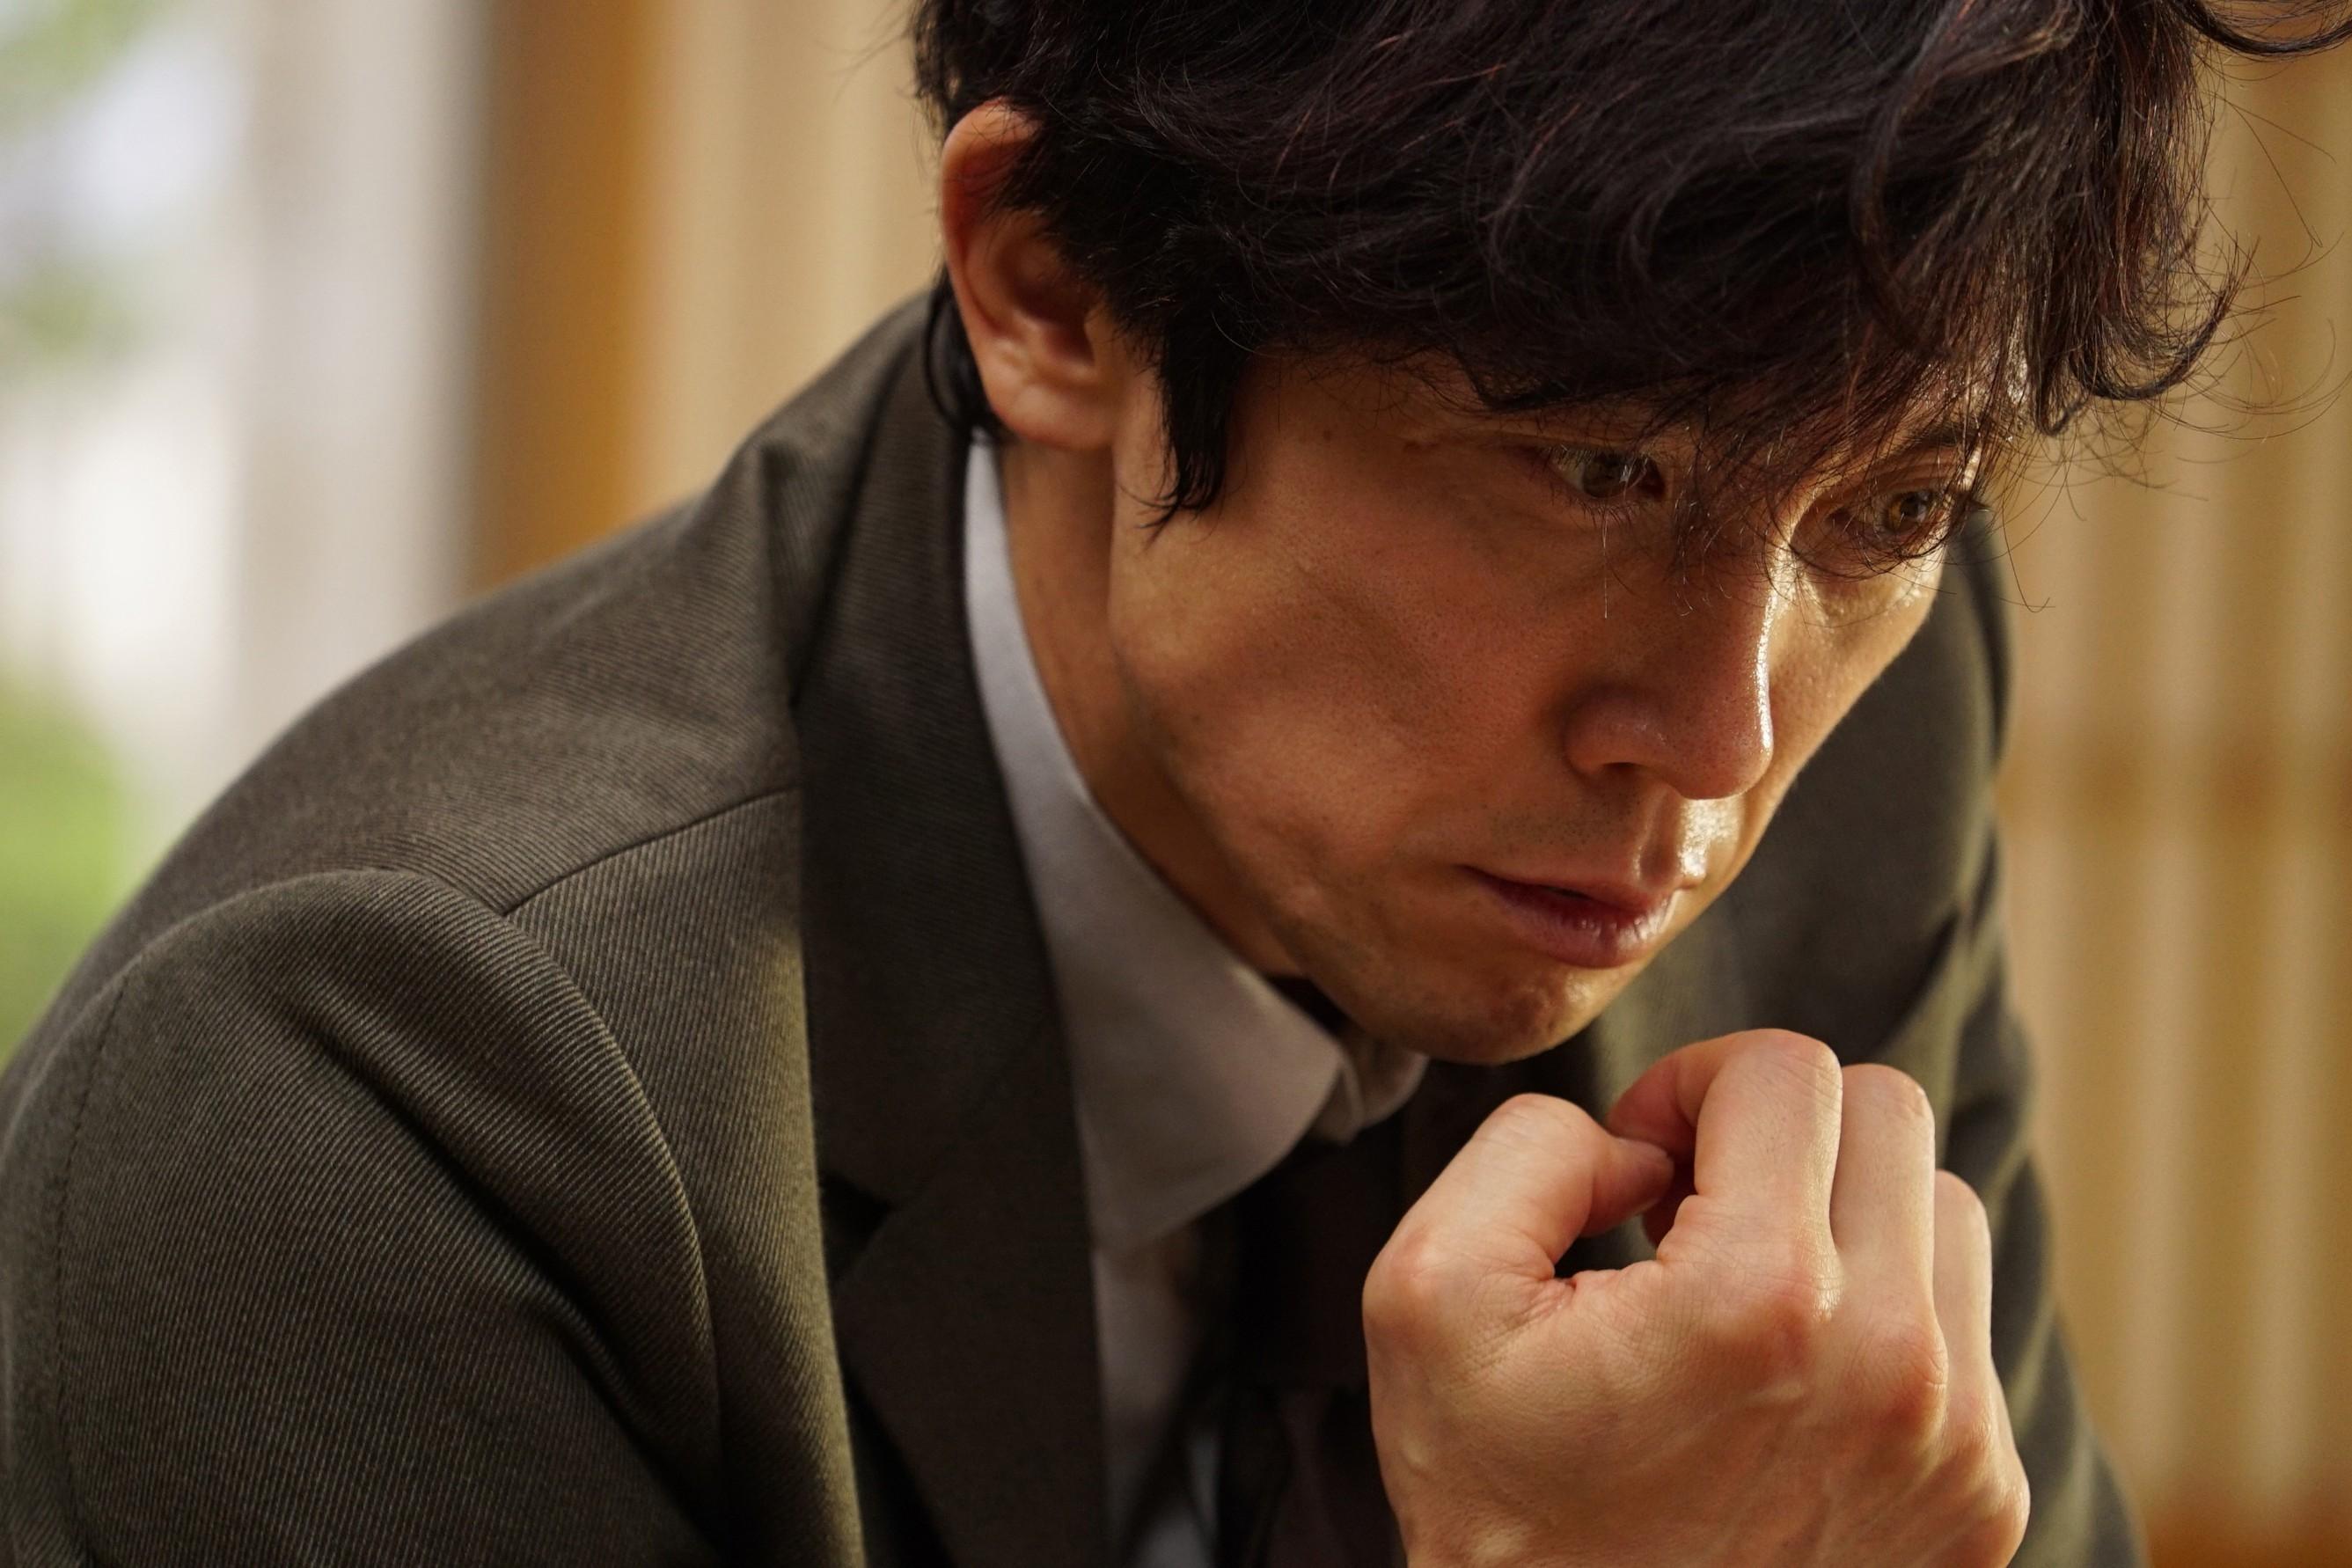 島田開(佐々木蔵之介) (C)2017 映画「3月のライオン」製作委員会